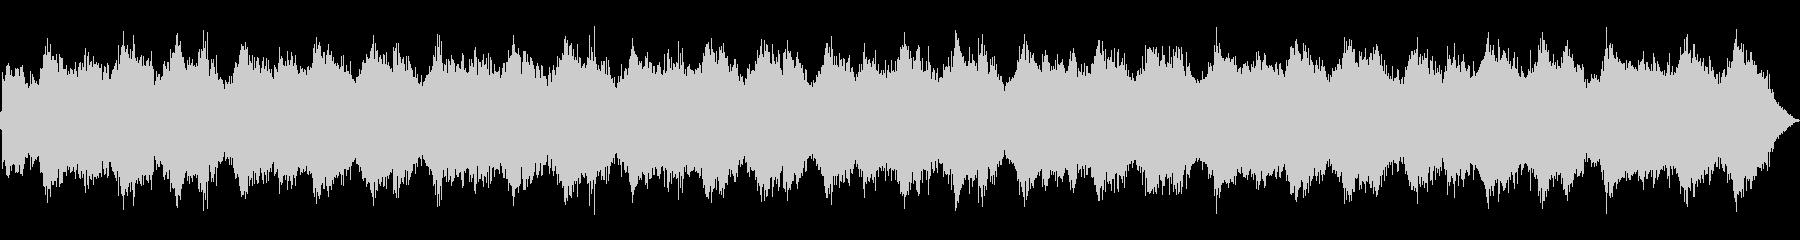 架空の教会でのミサ描写の未再生の波形